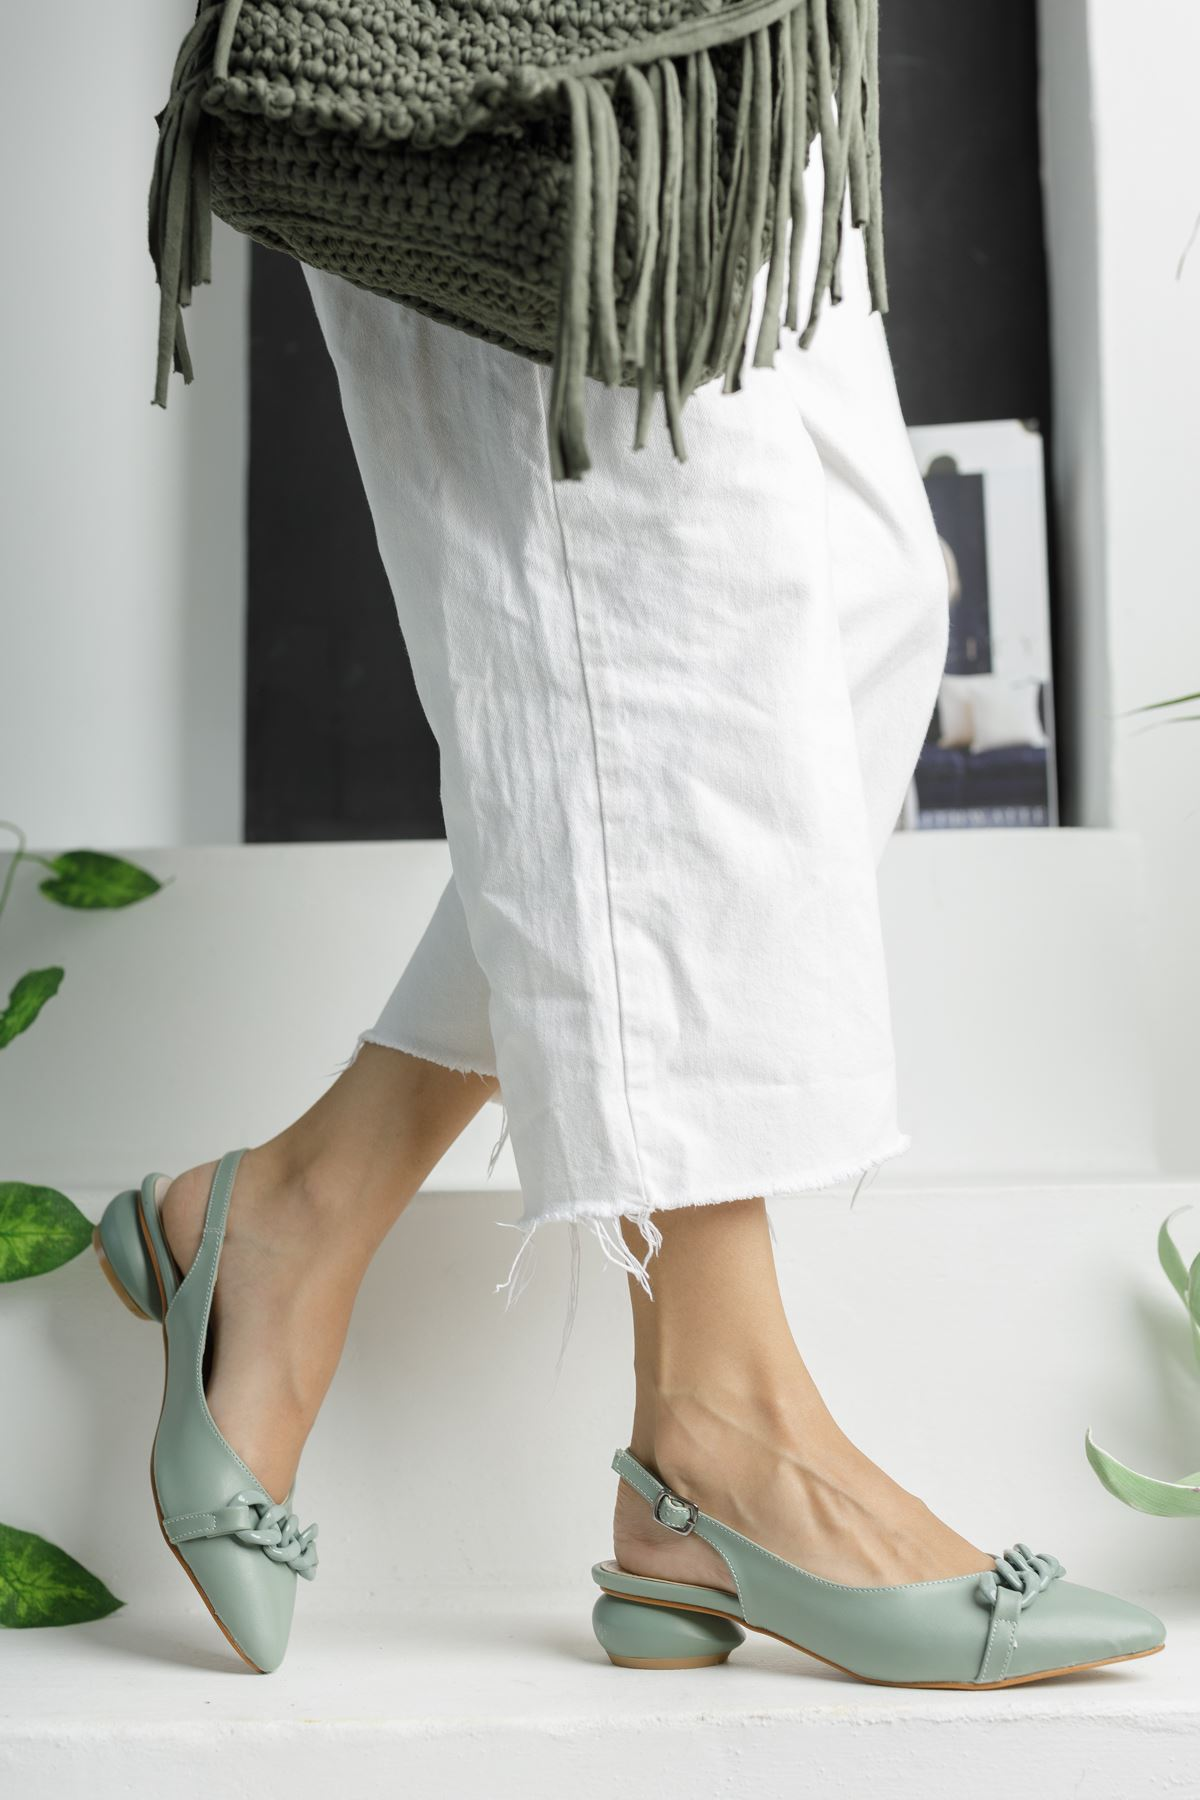 Mint Yeşili Zincir Detaylı Kısa Yuvarlak Topuklu Ayakkabı